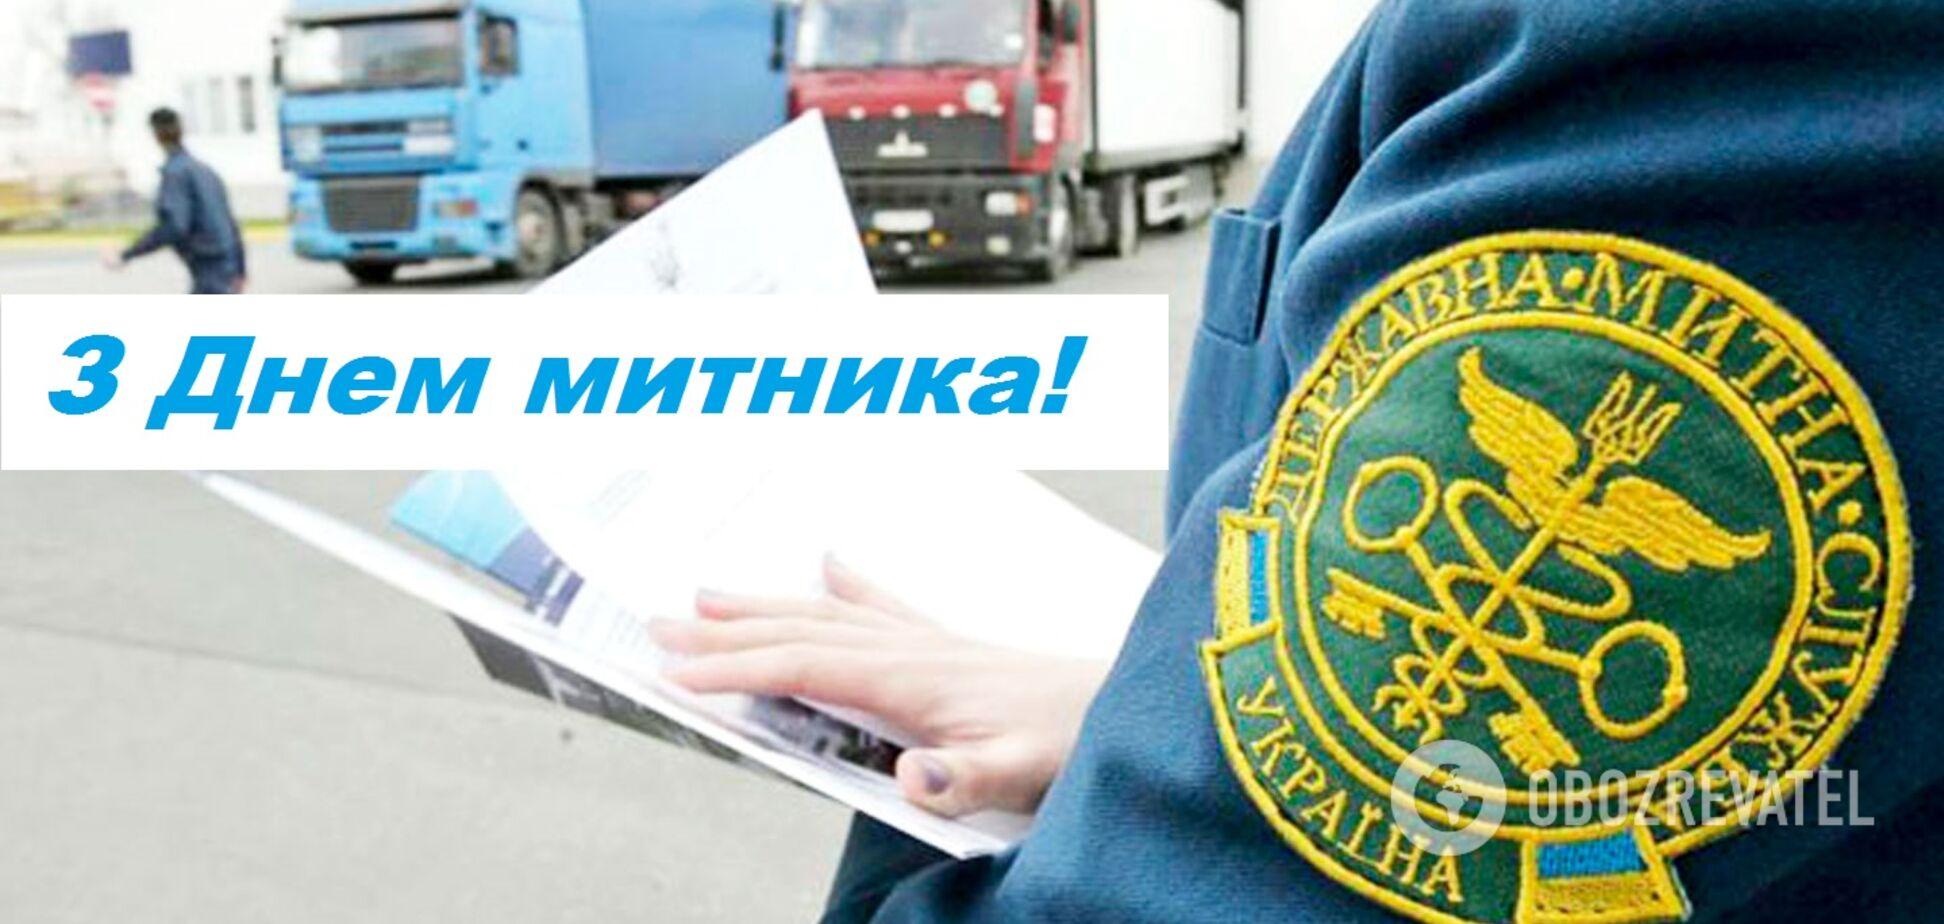 Свято відзначається в річницю прийняття Верховною Радою в 1991 році закону 'Про митну справу в Україні'